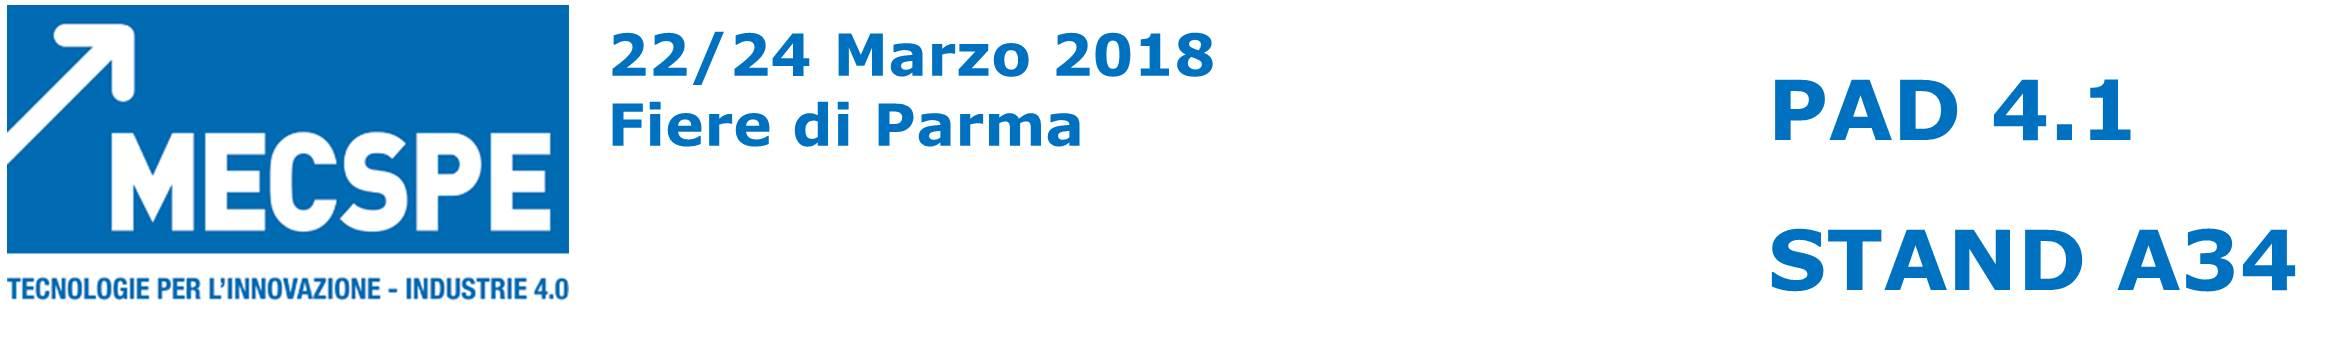 SAMUEXPO 2018